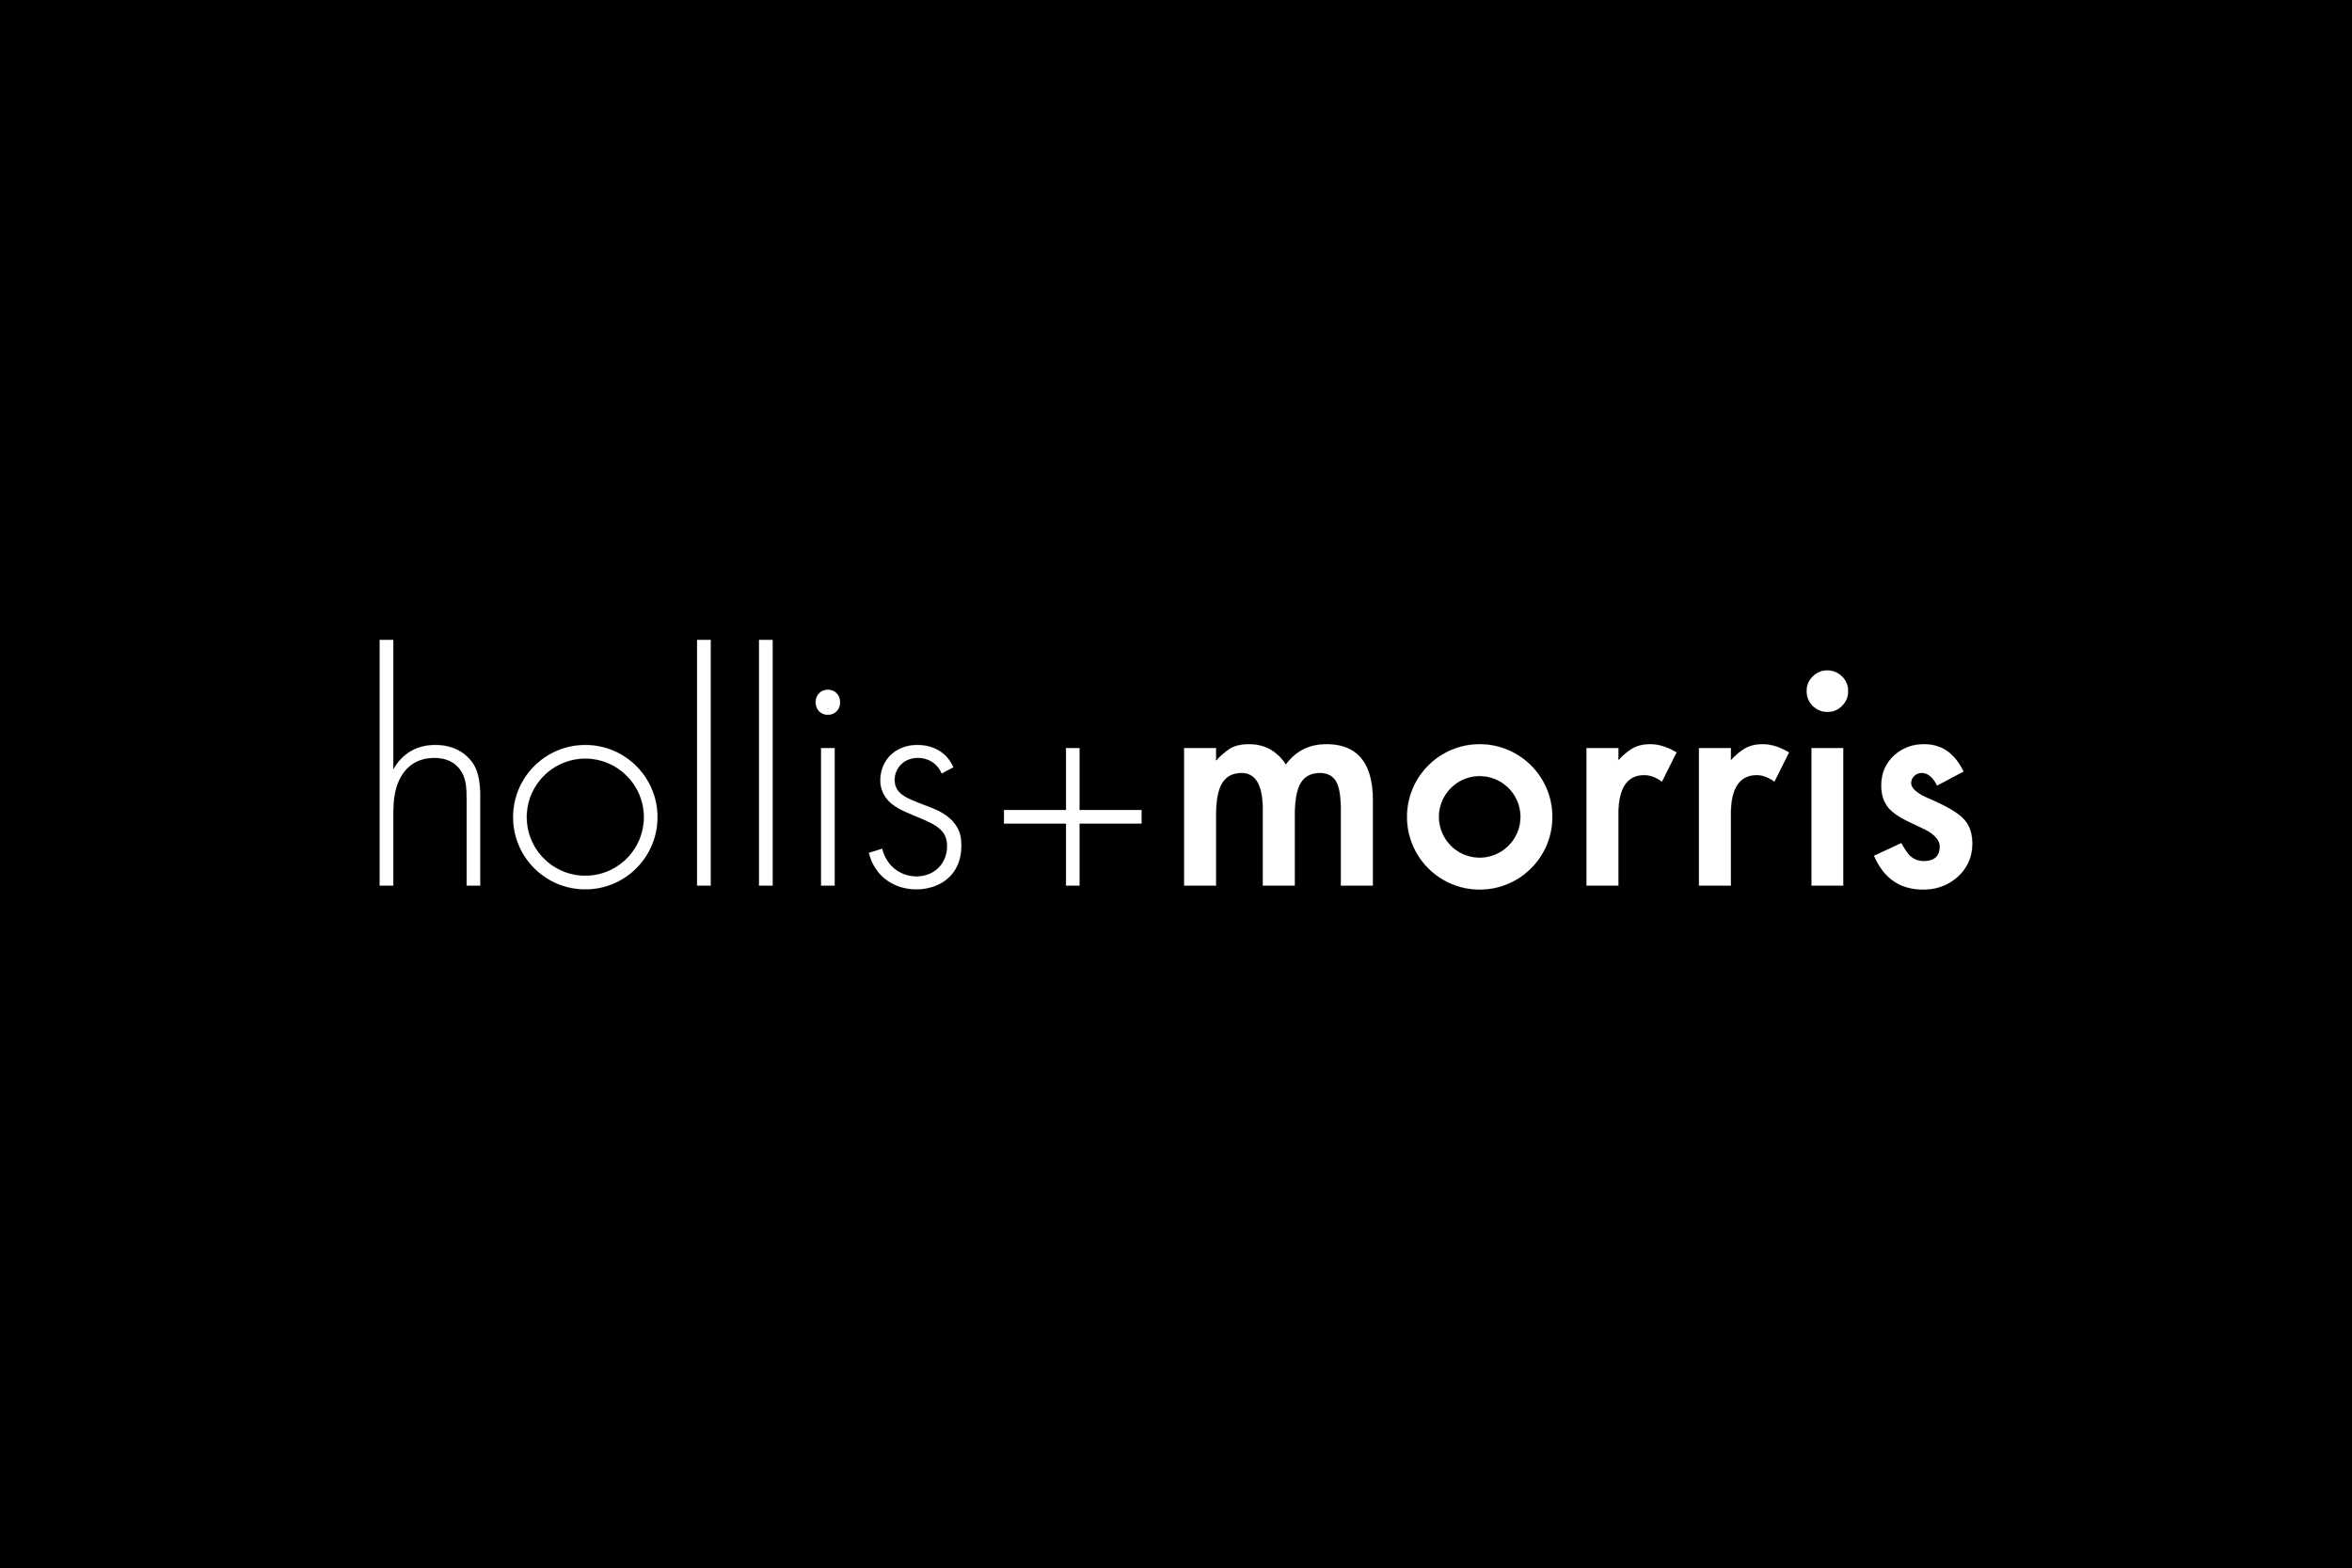 hollis+morris_logo_black.png